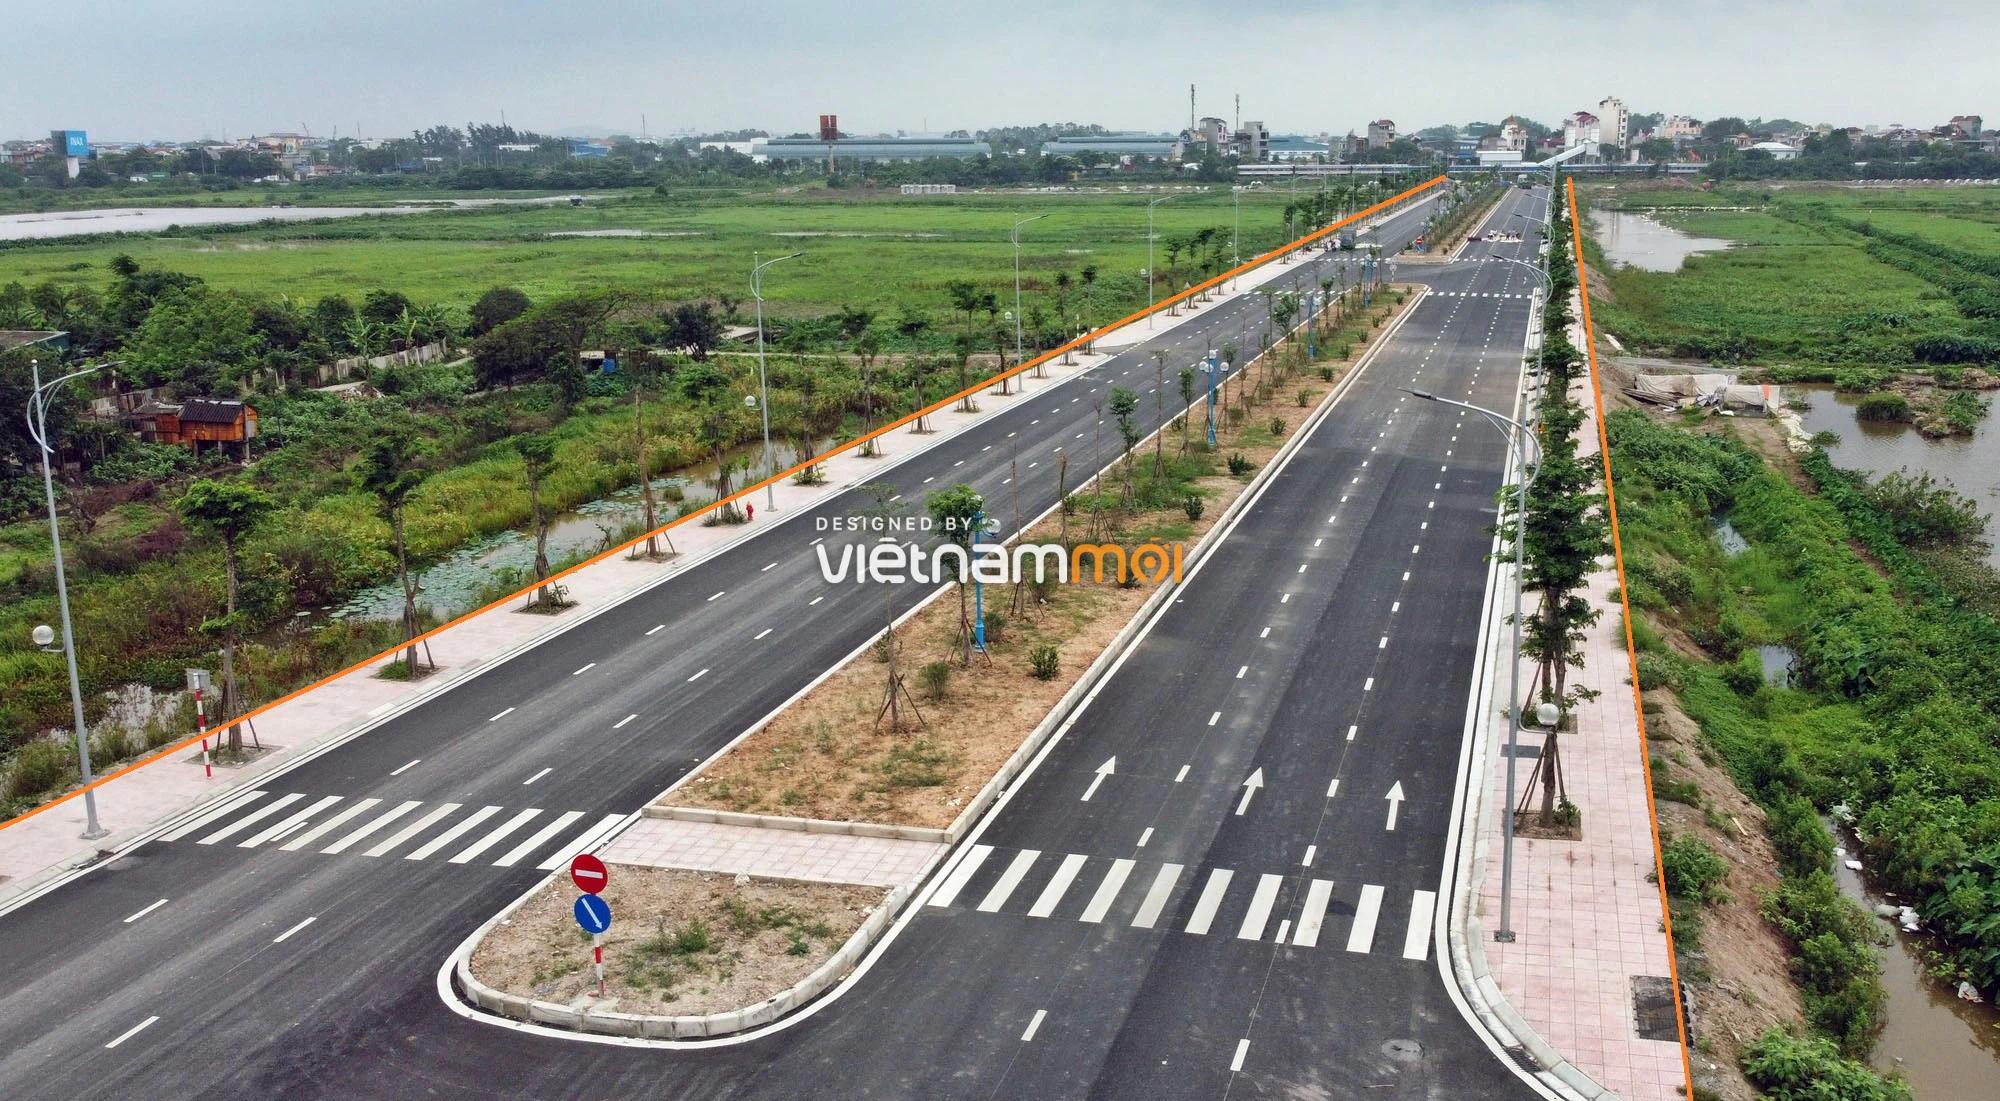 Toàn cảnh đường nối Vinhomes Ocean Park với ga Phú Thụy đang mở theo quy hoạch ở Hà Nội - Ảnh 8.